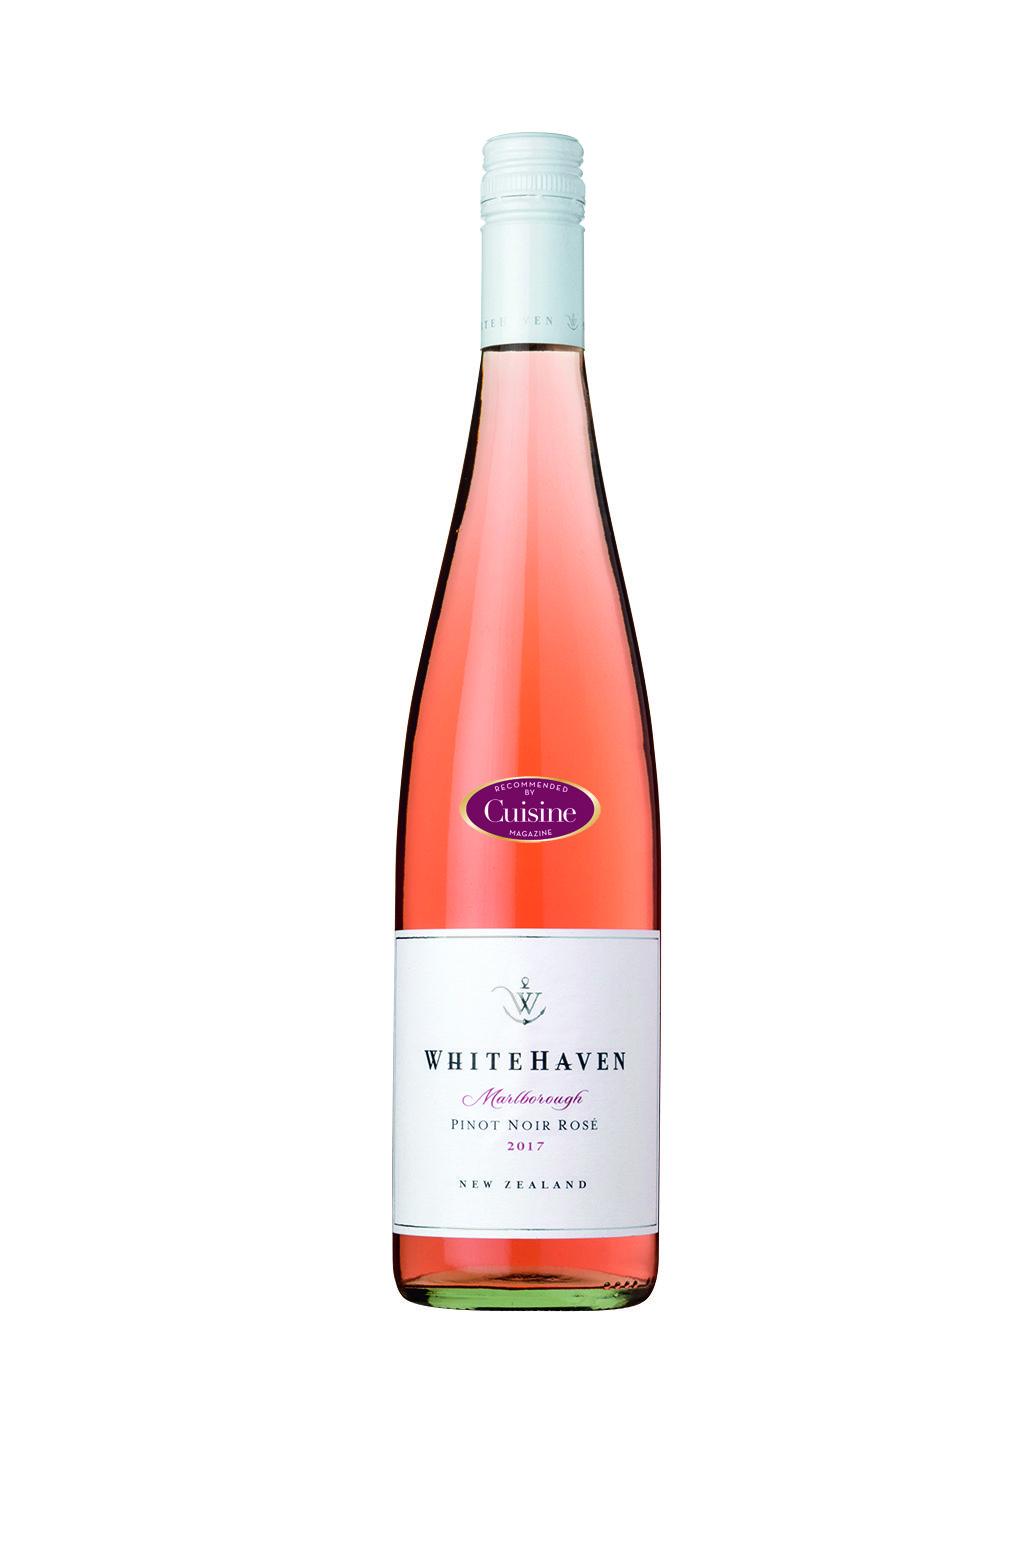 Whitehaven Marlborough Pinot Noir Rosé 2017